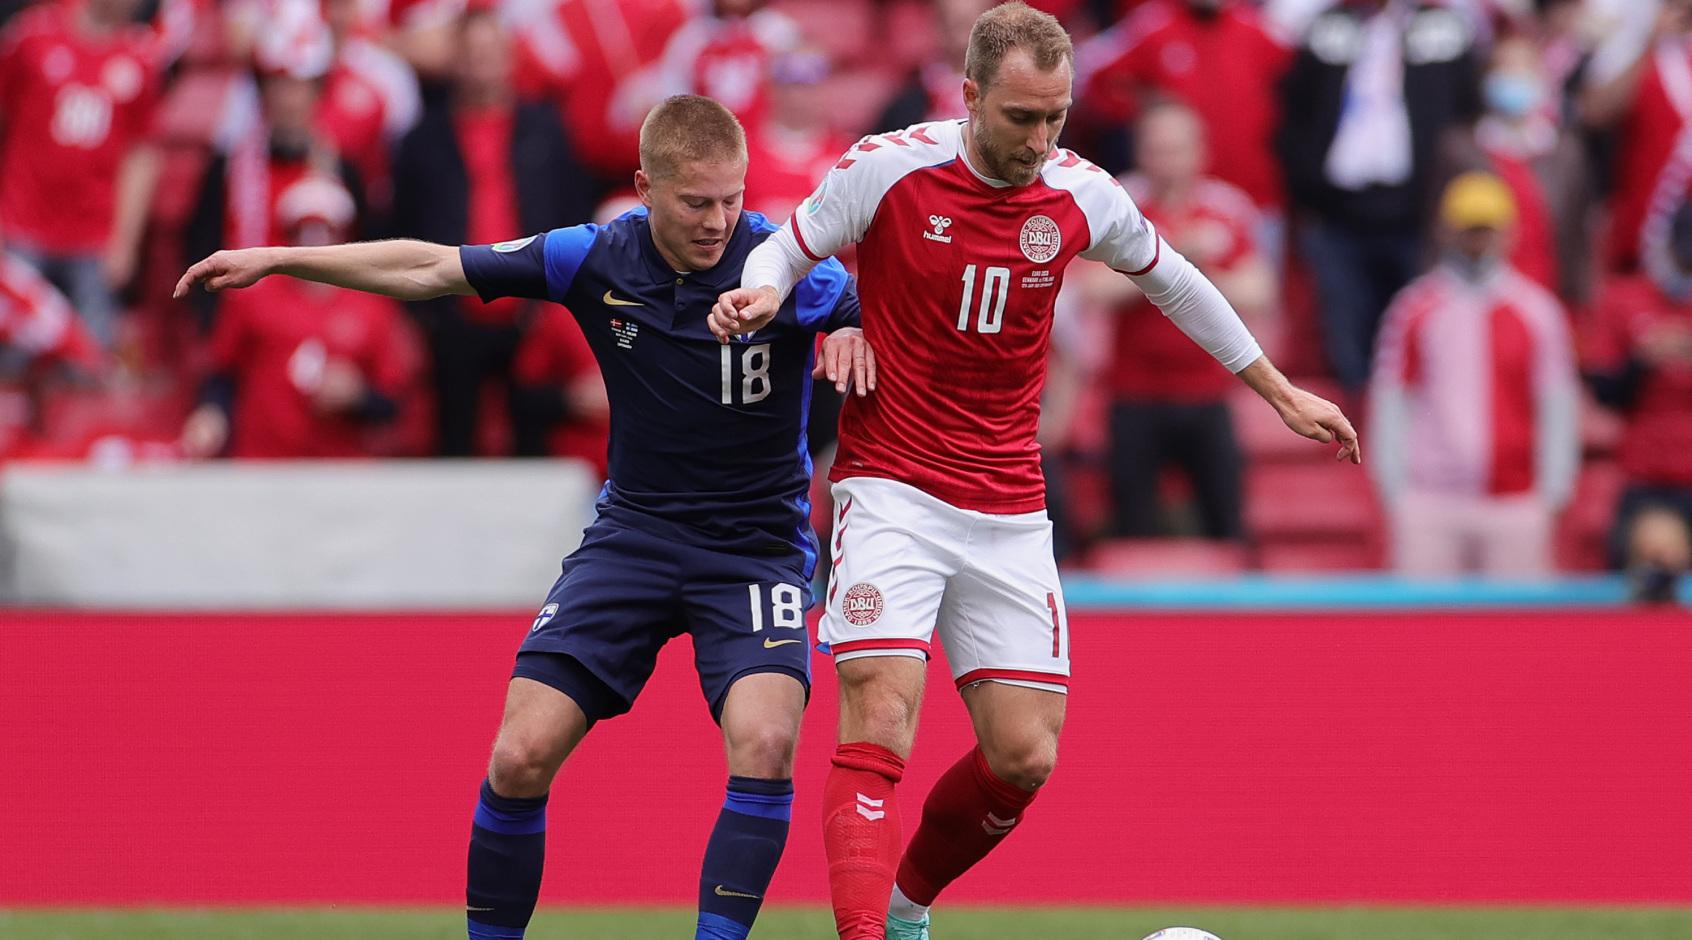 Наставник сборной Дании рассказал о визите Кристиана Эриксена в расположение команды